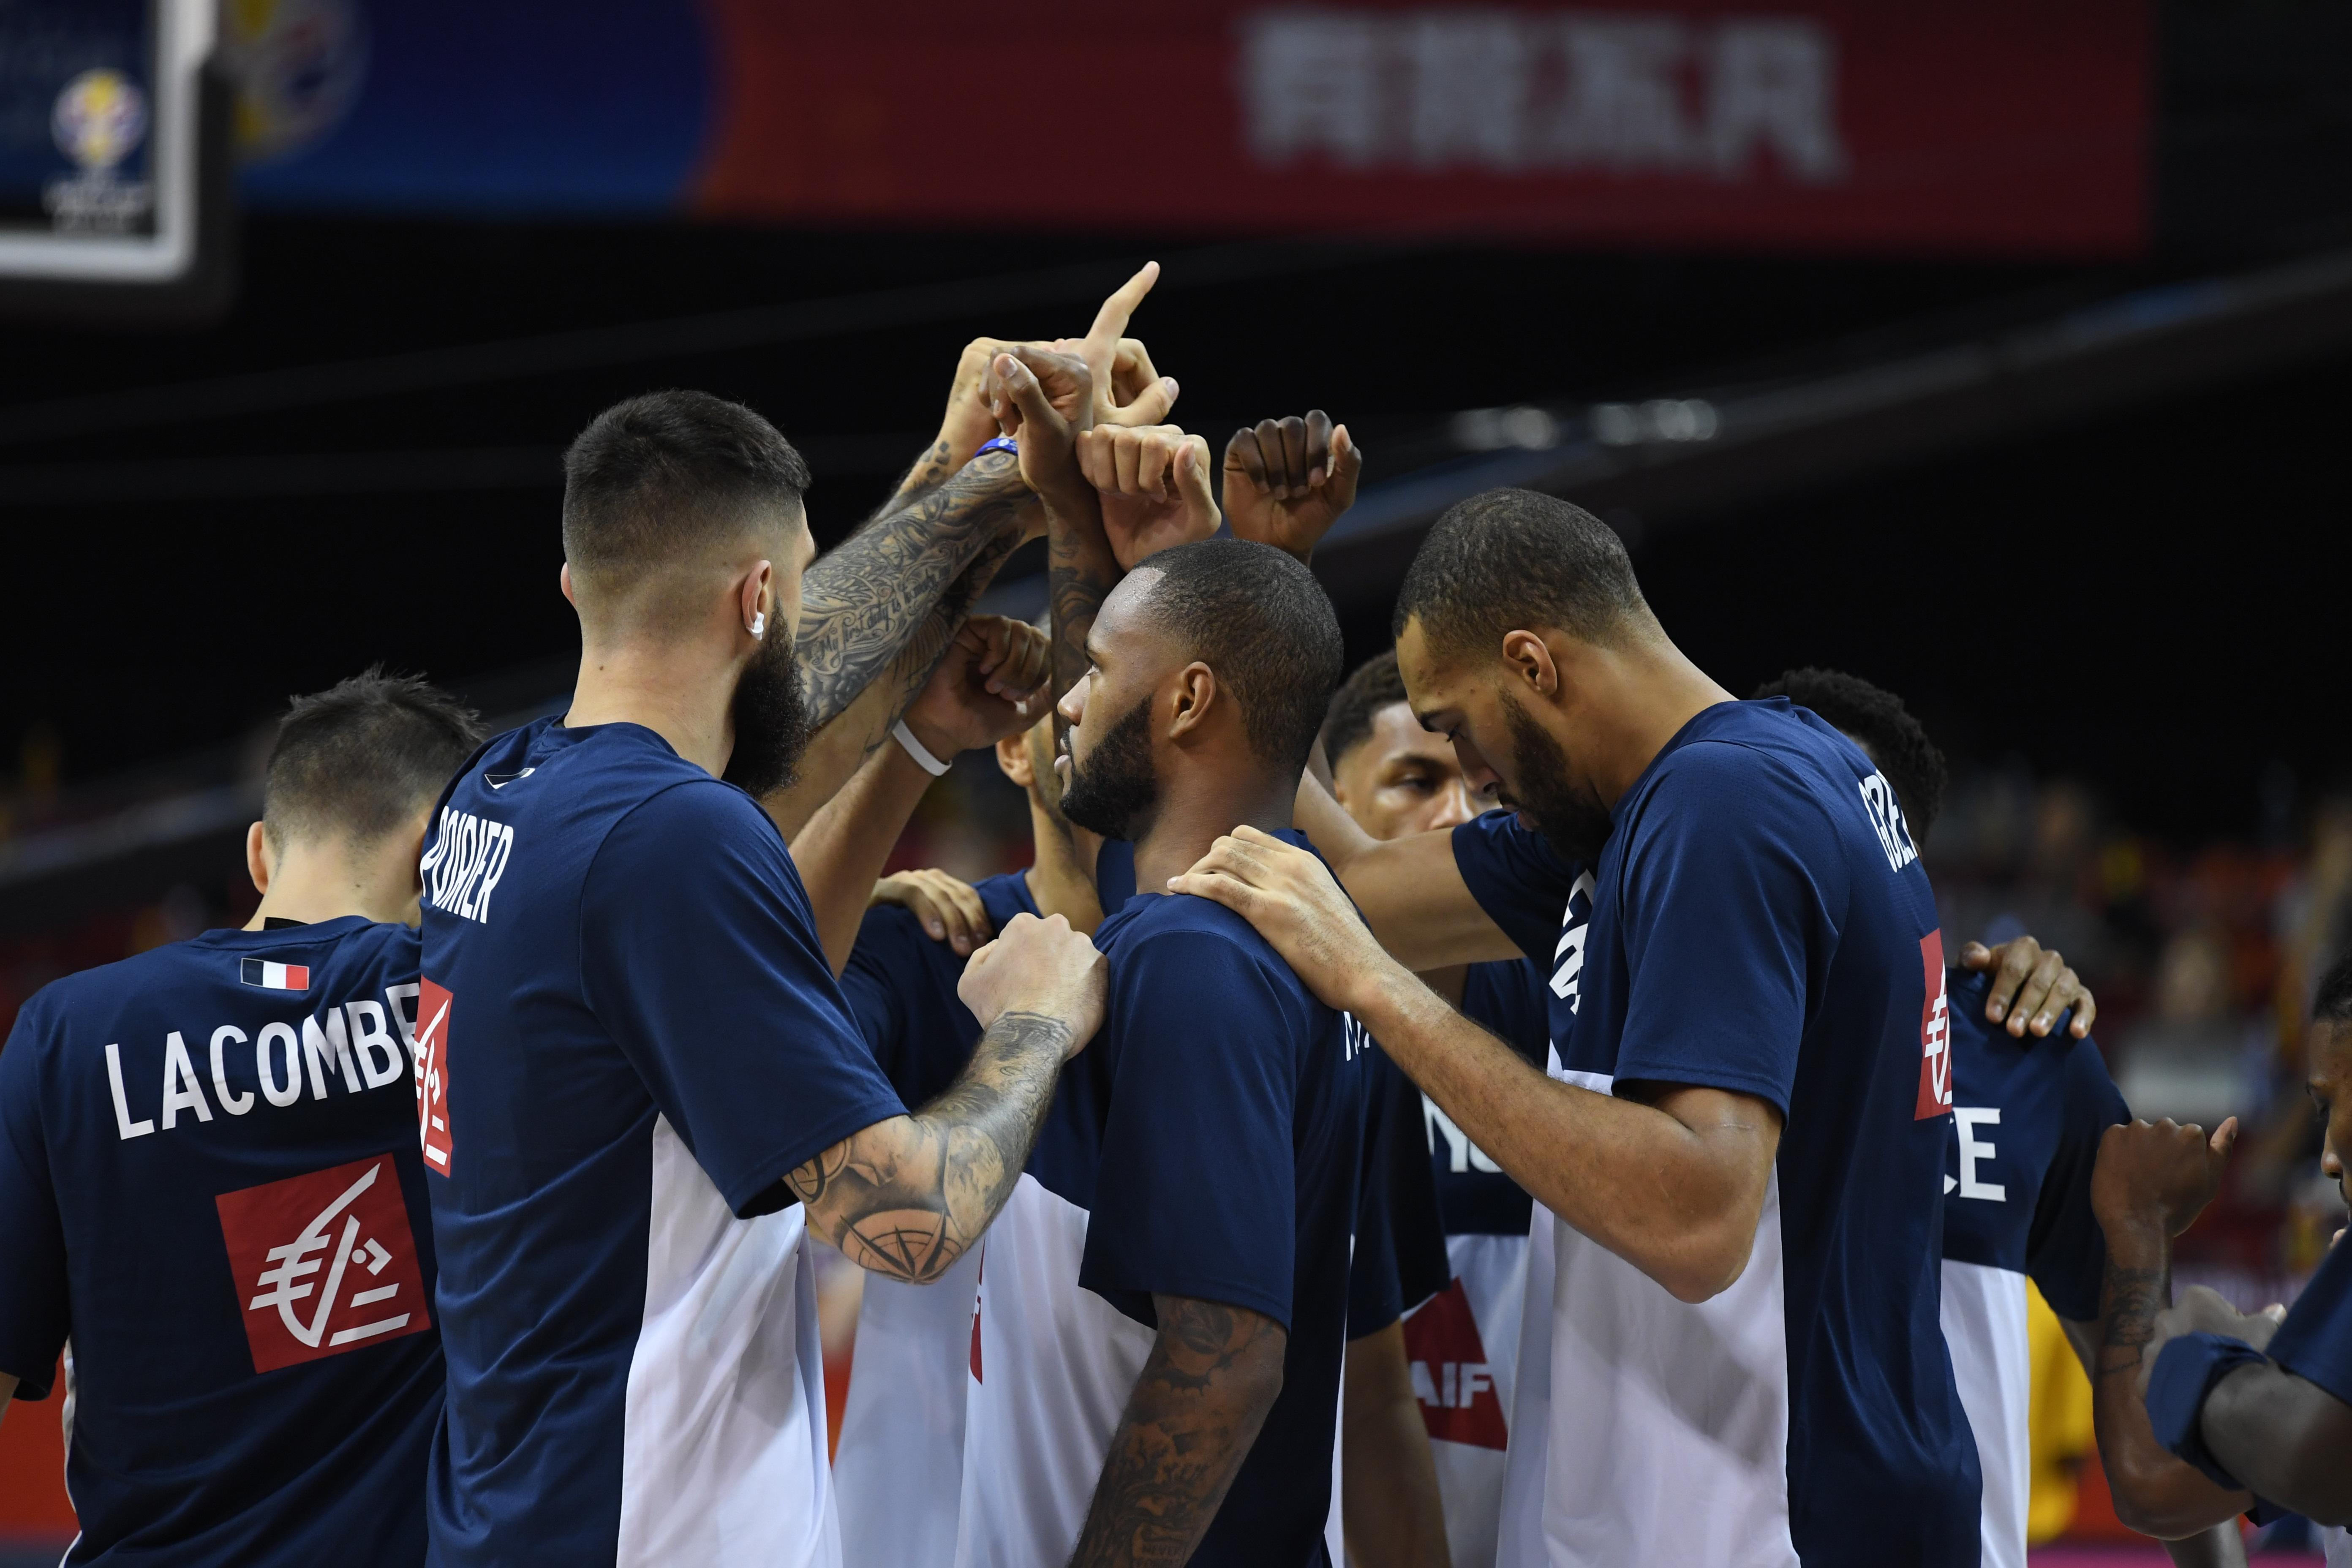 Calendrier General Ffbb 2021 2022 Mise à jour de la liste du Team France Basket | FFBB